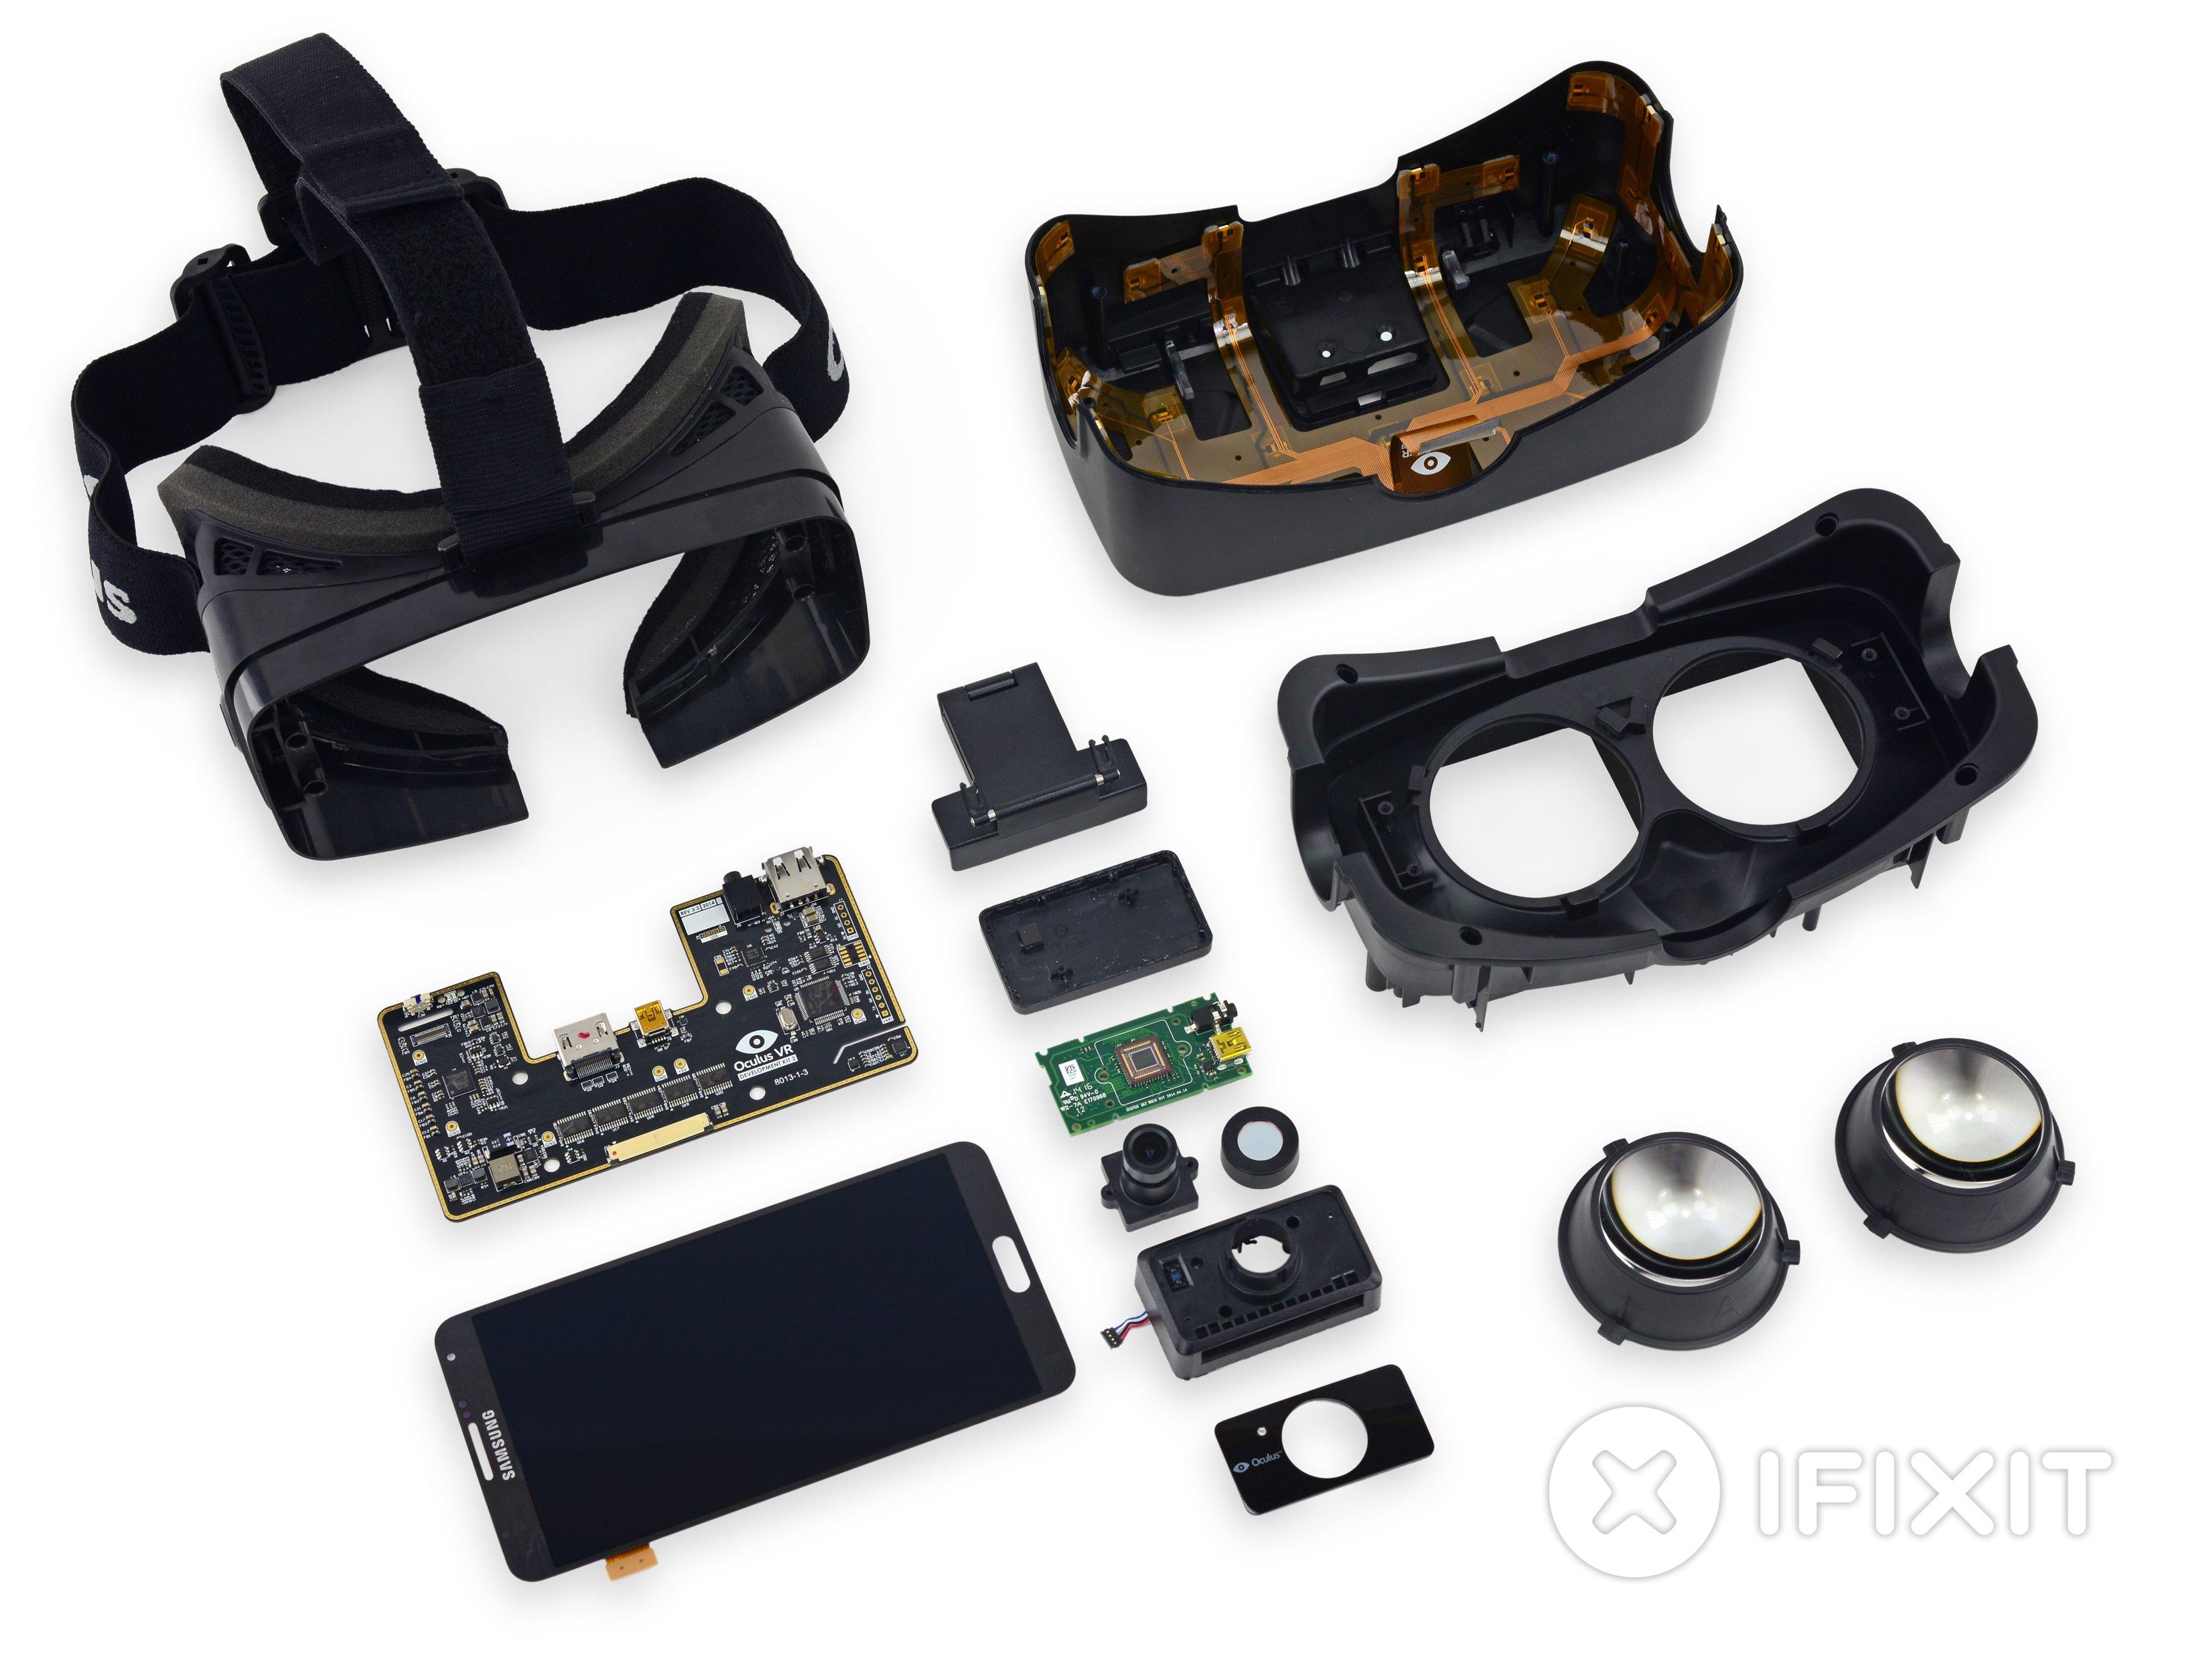 Oculus Rift Development Kit 2 Teardown